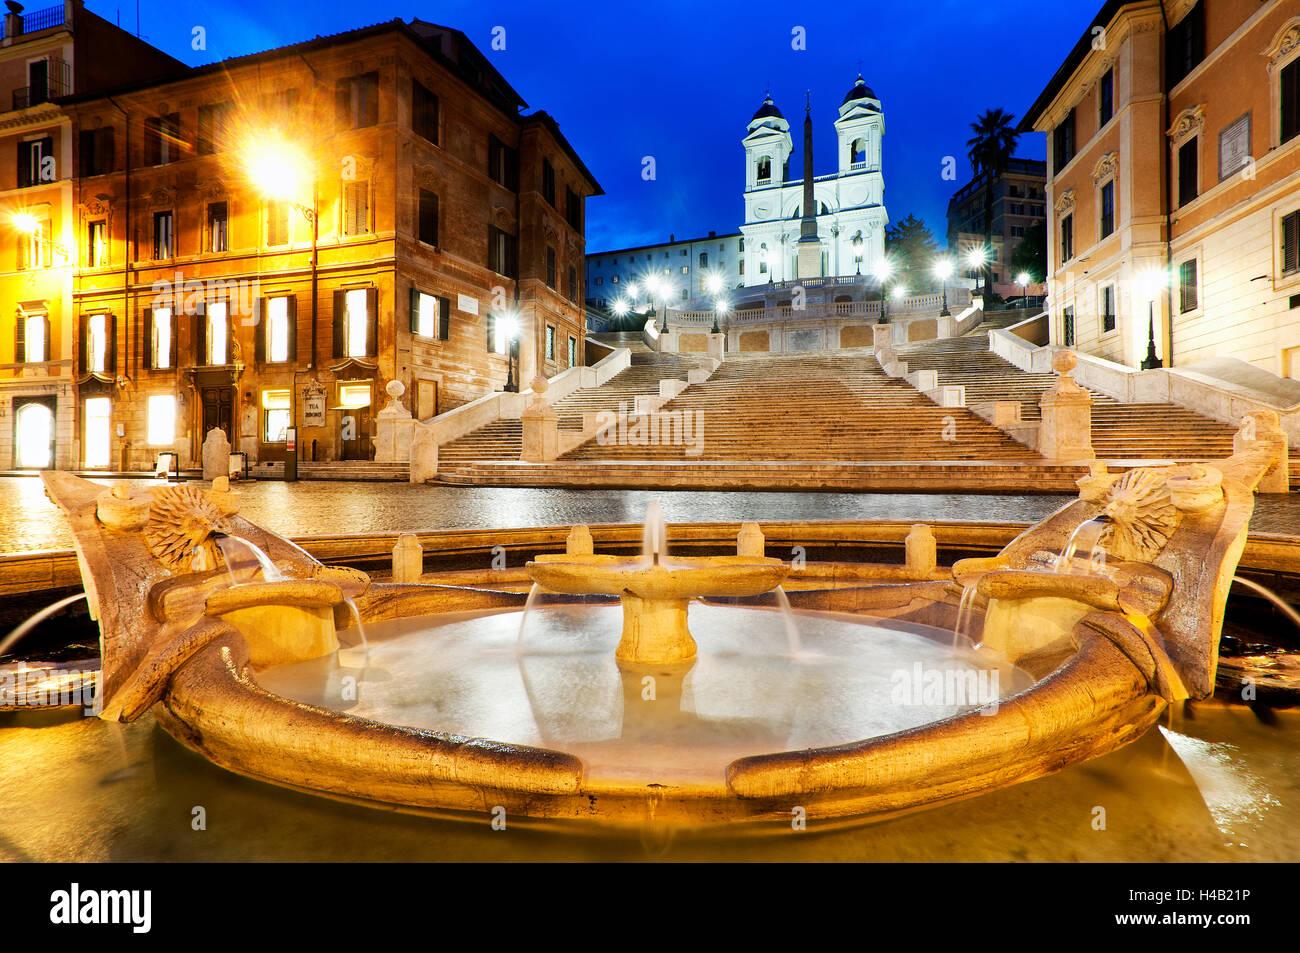 Restaurato di recente a Piazza di Spagna, Roma Italia Immagini Stock